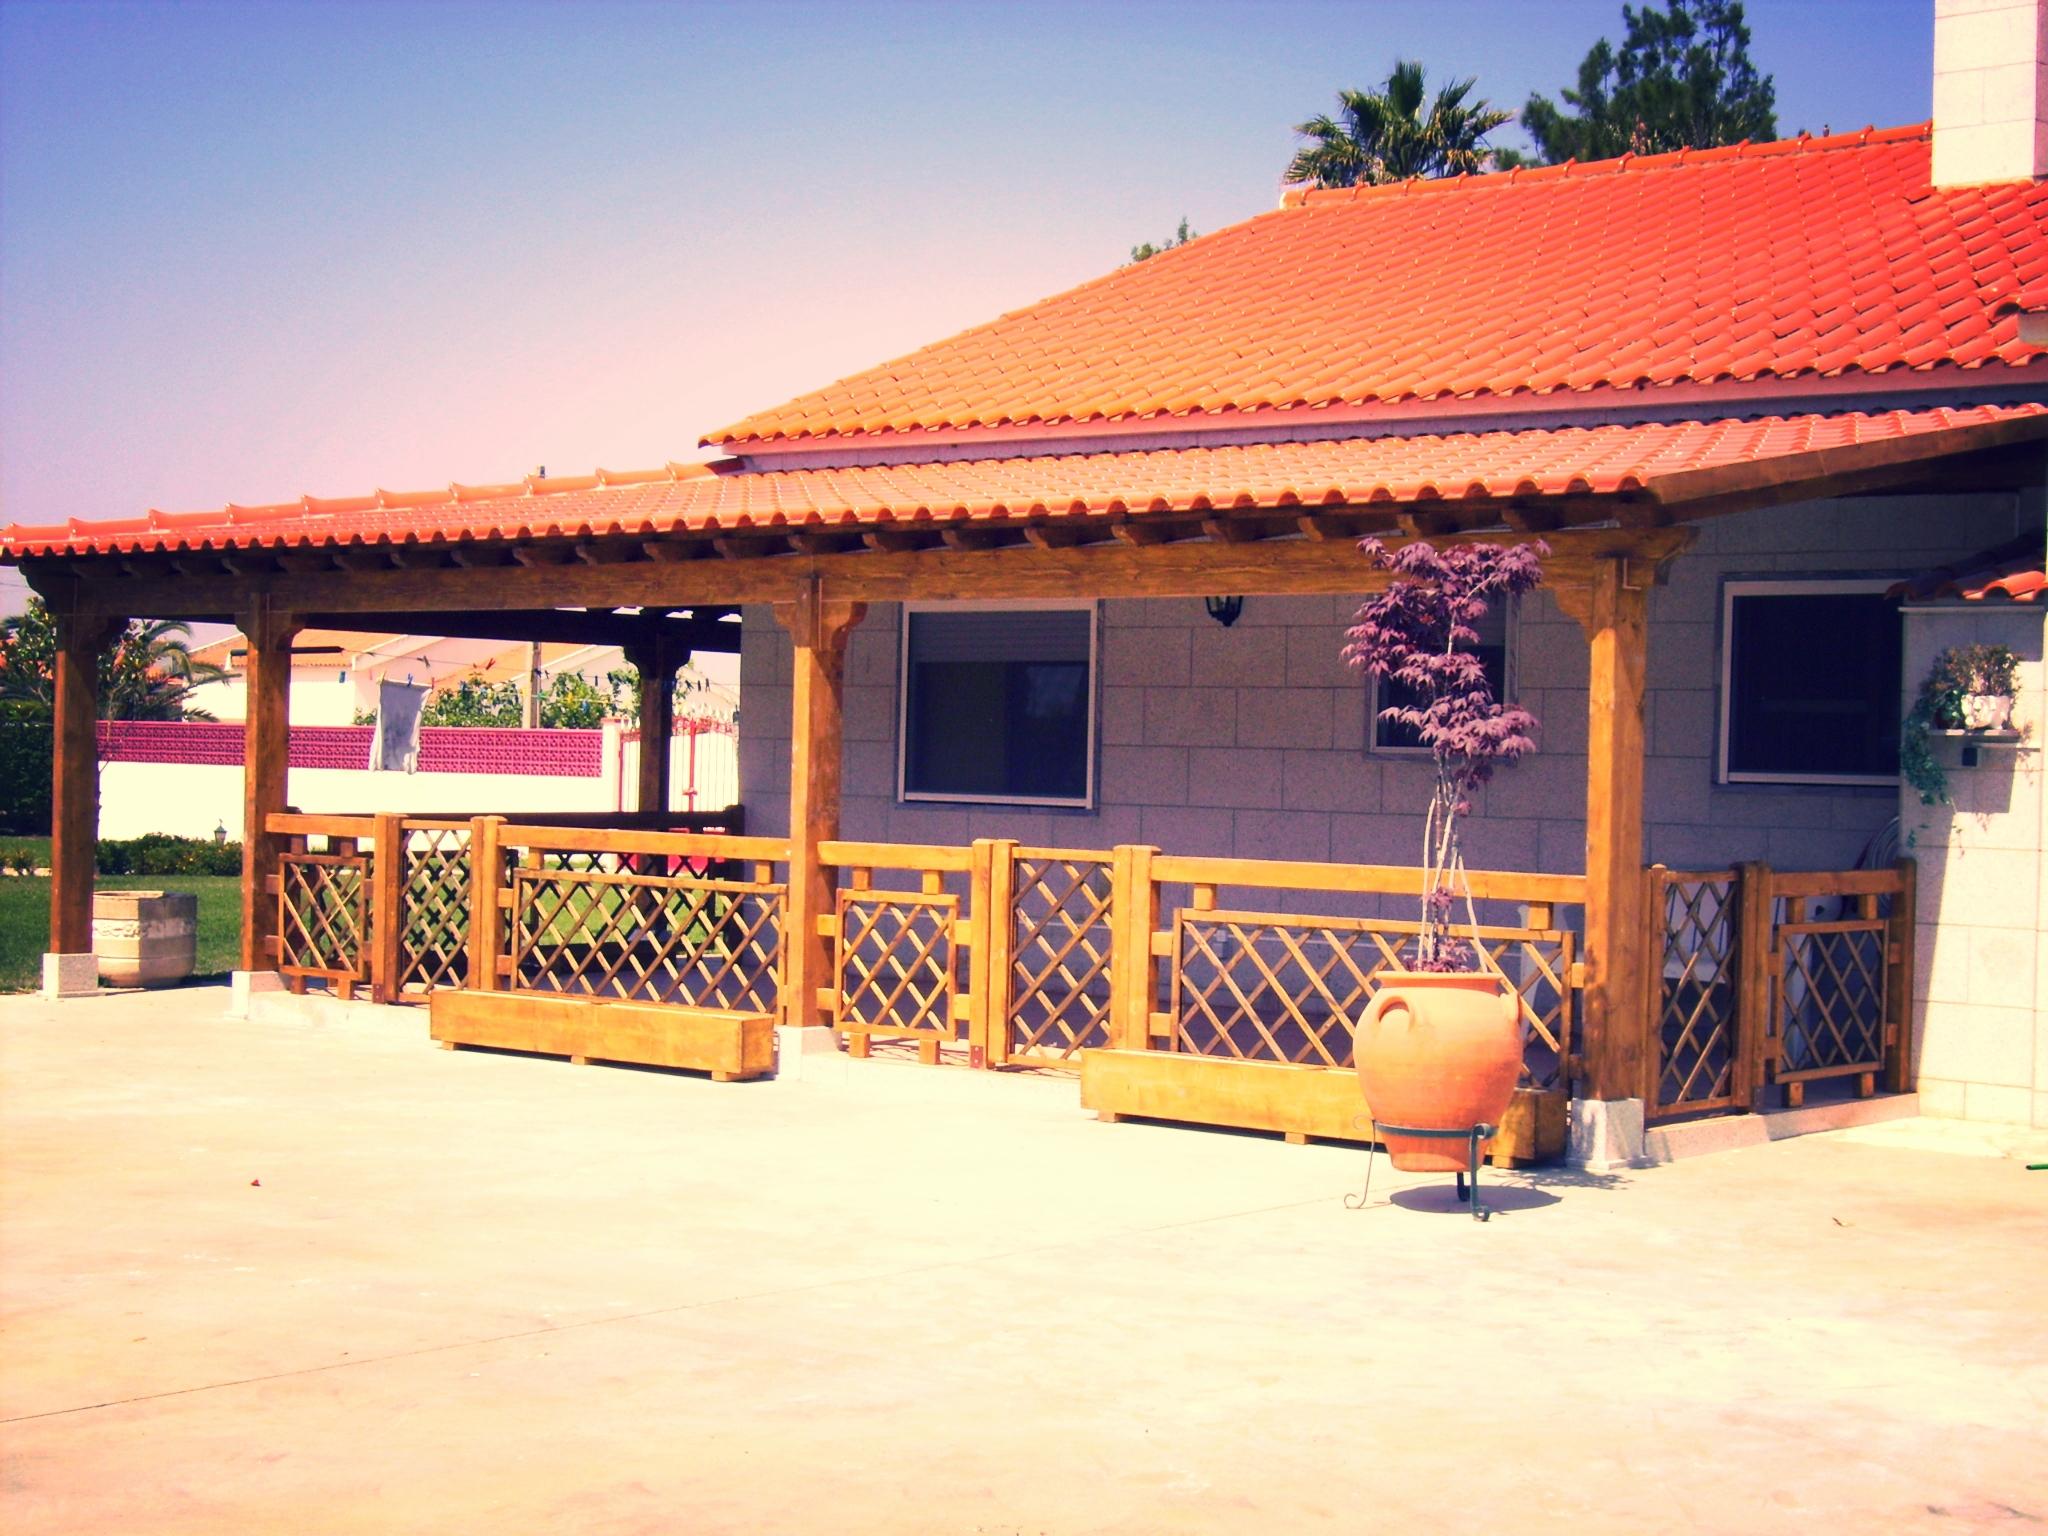 telheiros-madeira-pergolas-deck-terraços-varandas-estruturas madeira-jardins-vedações-casa